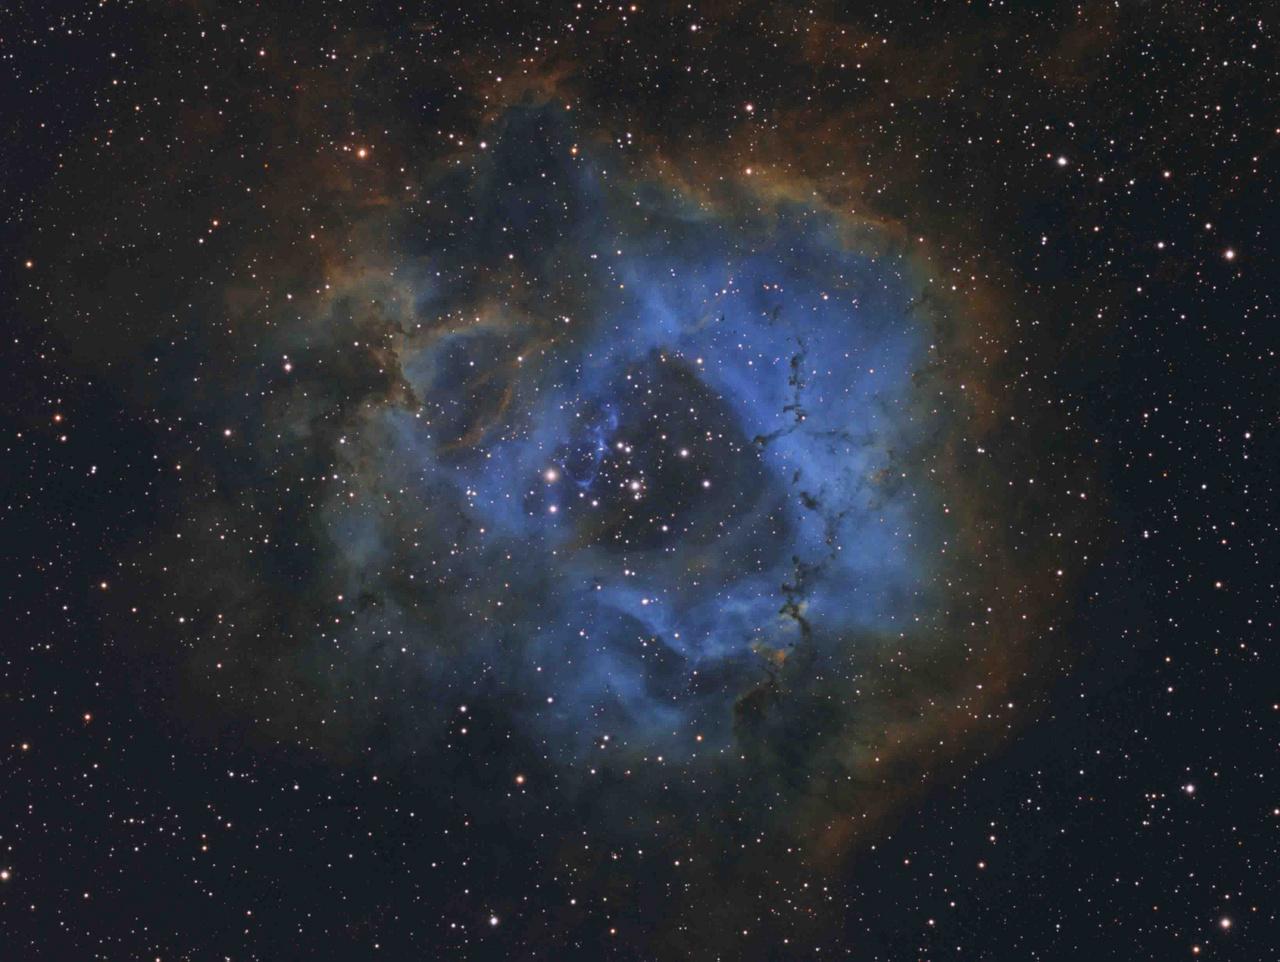 """Az ifjúsági díj nyertese: """"Csillagvirág"""". A kép technikai adatai: TMB92SS 92 mm apokromatikus távcső (f/5.5), Sky-Watcher NEQ-6 mechanika, QSI 583ws kamera, Ha-OIII-SII szűrők, 16 óra 15 perc összexpozíció."""